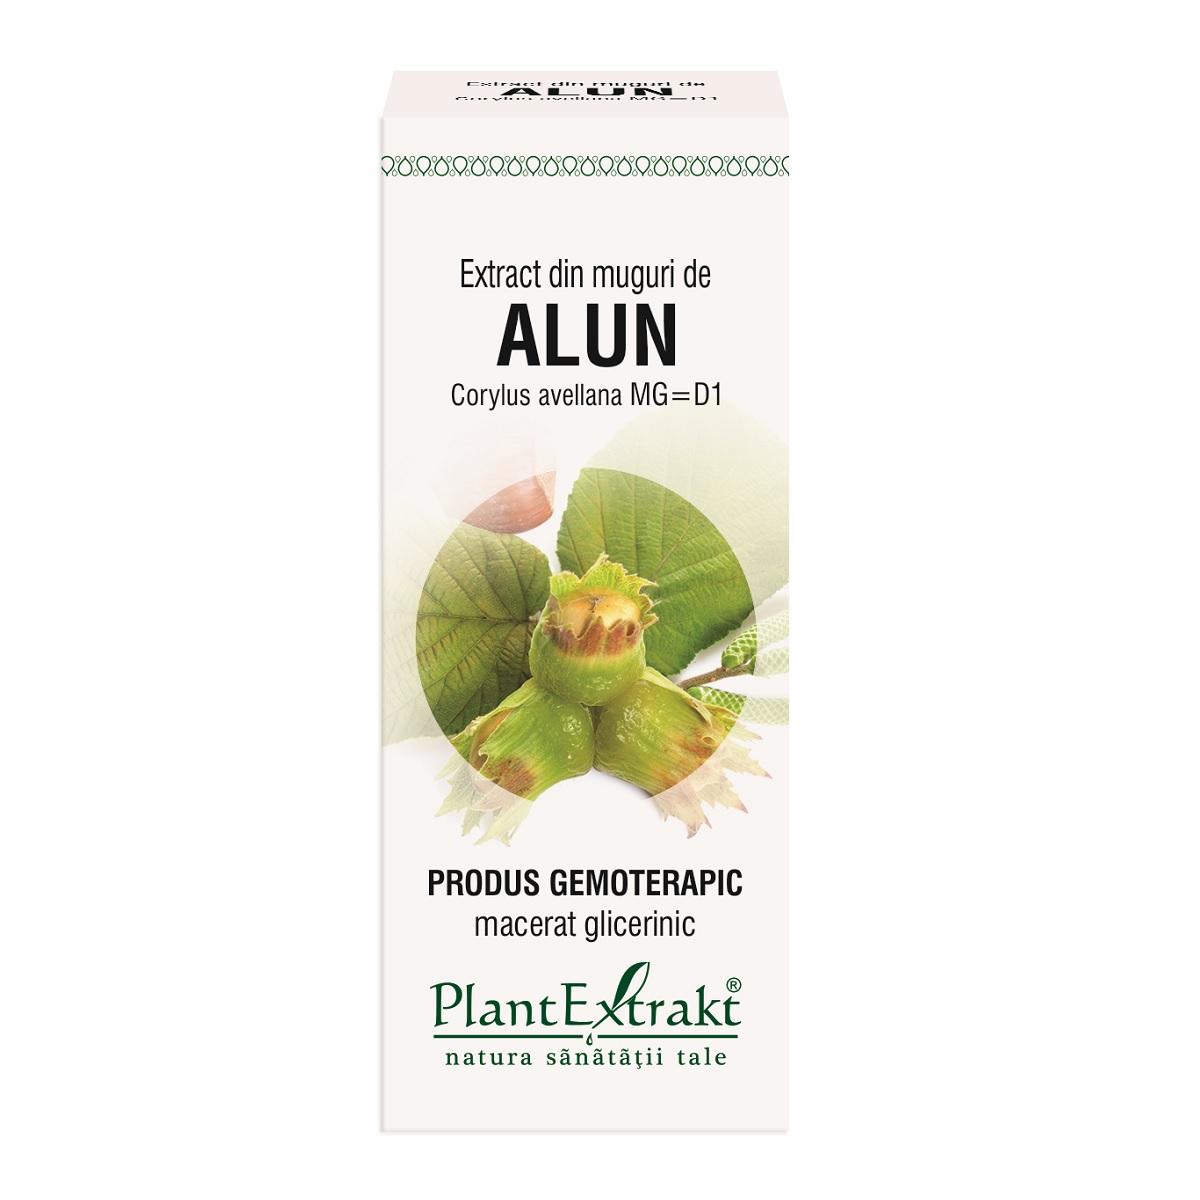 Extract din muguri de Alun, 50ml, Plantextrakt imagine produs 2021